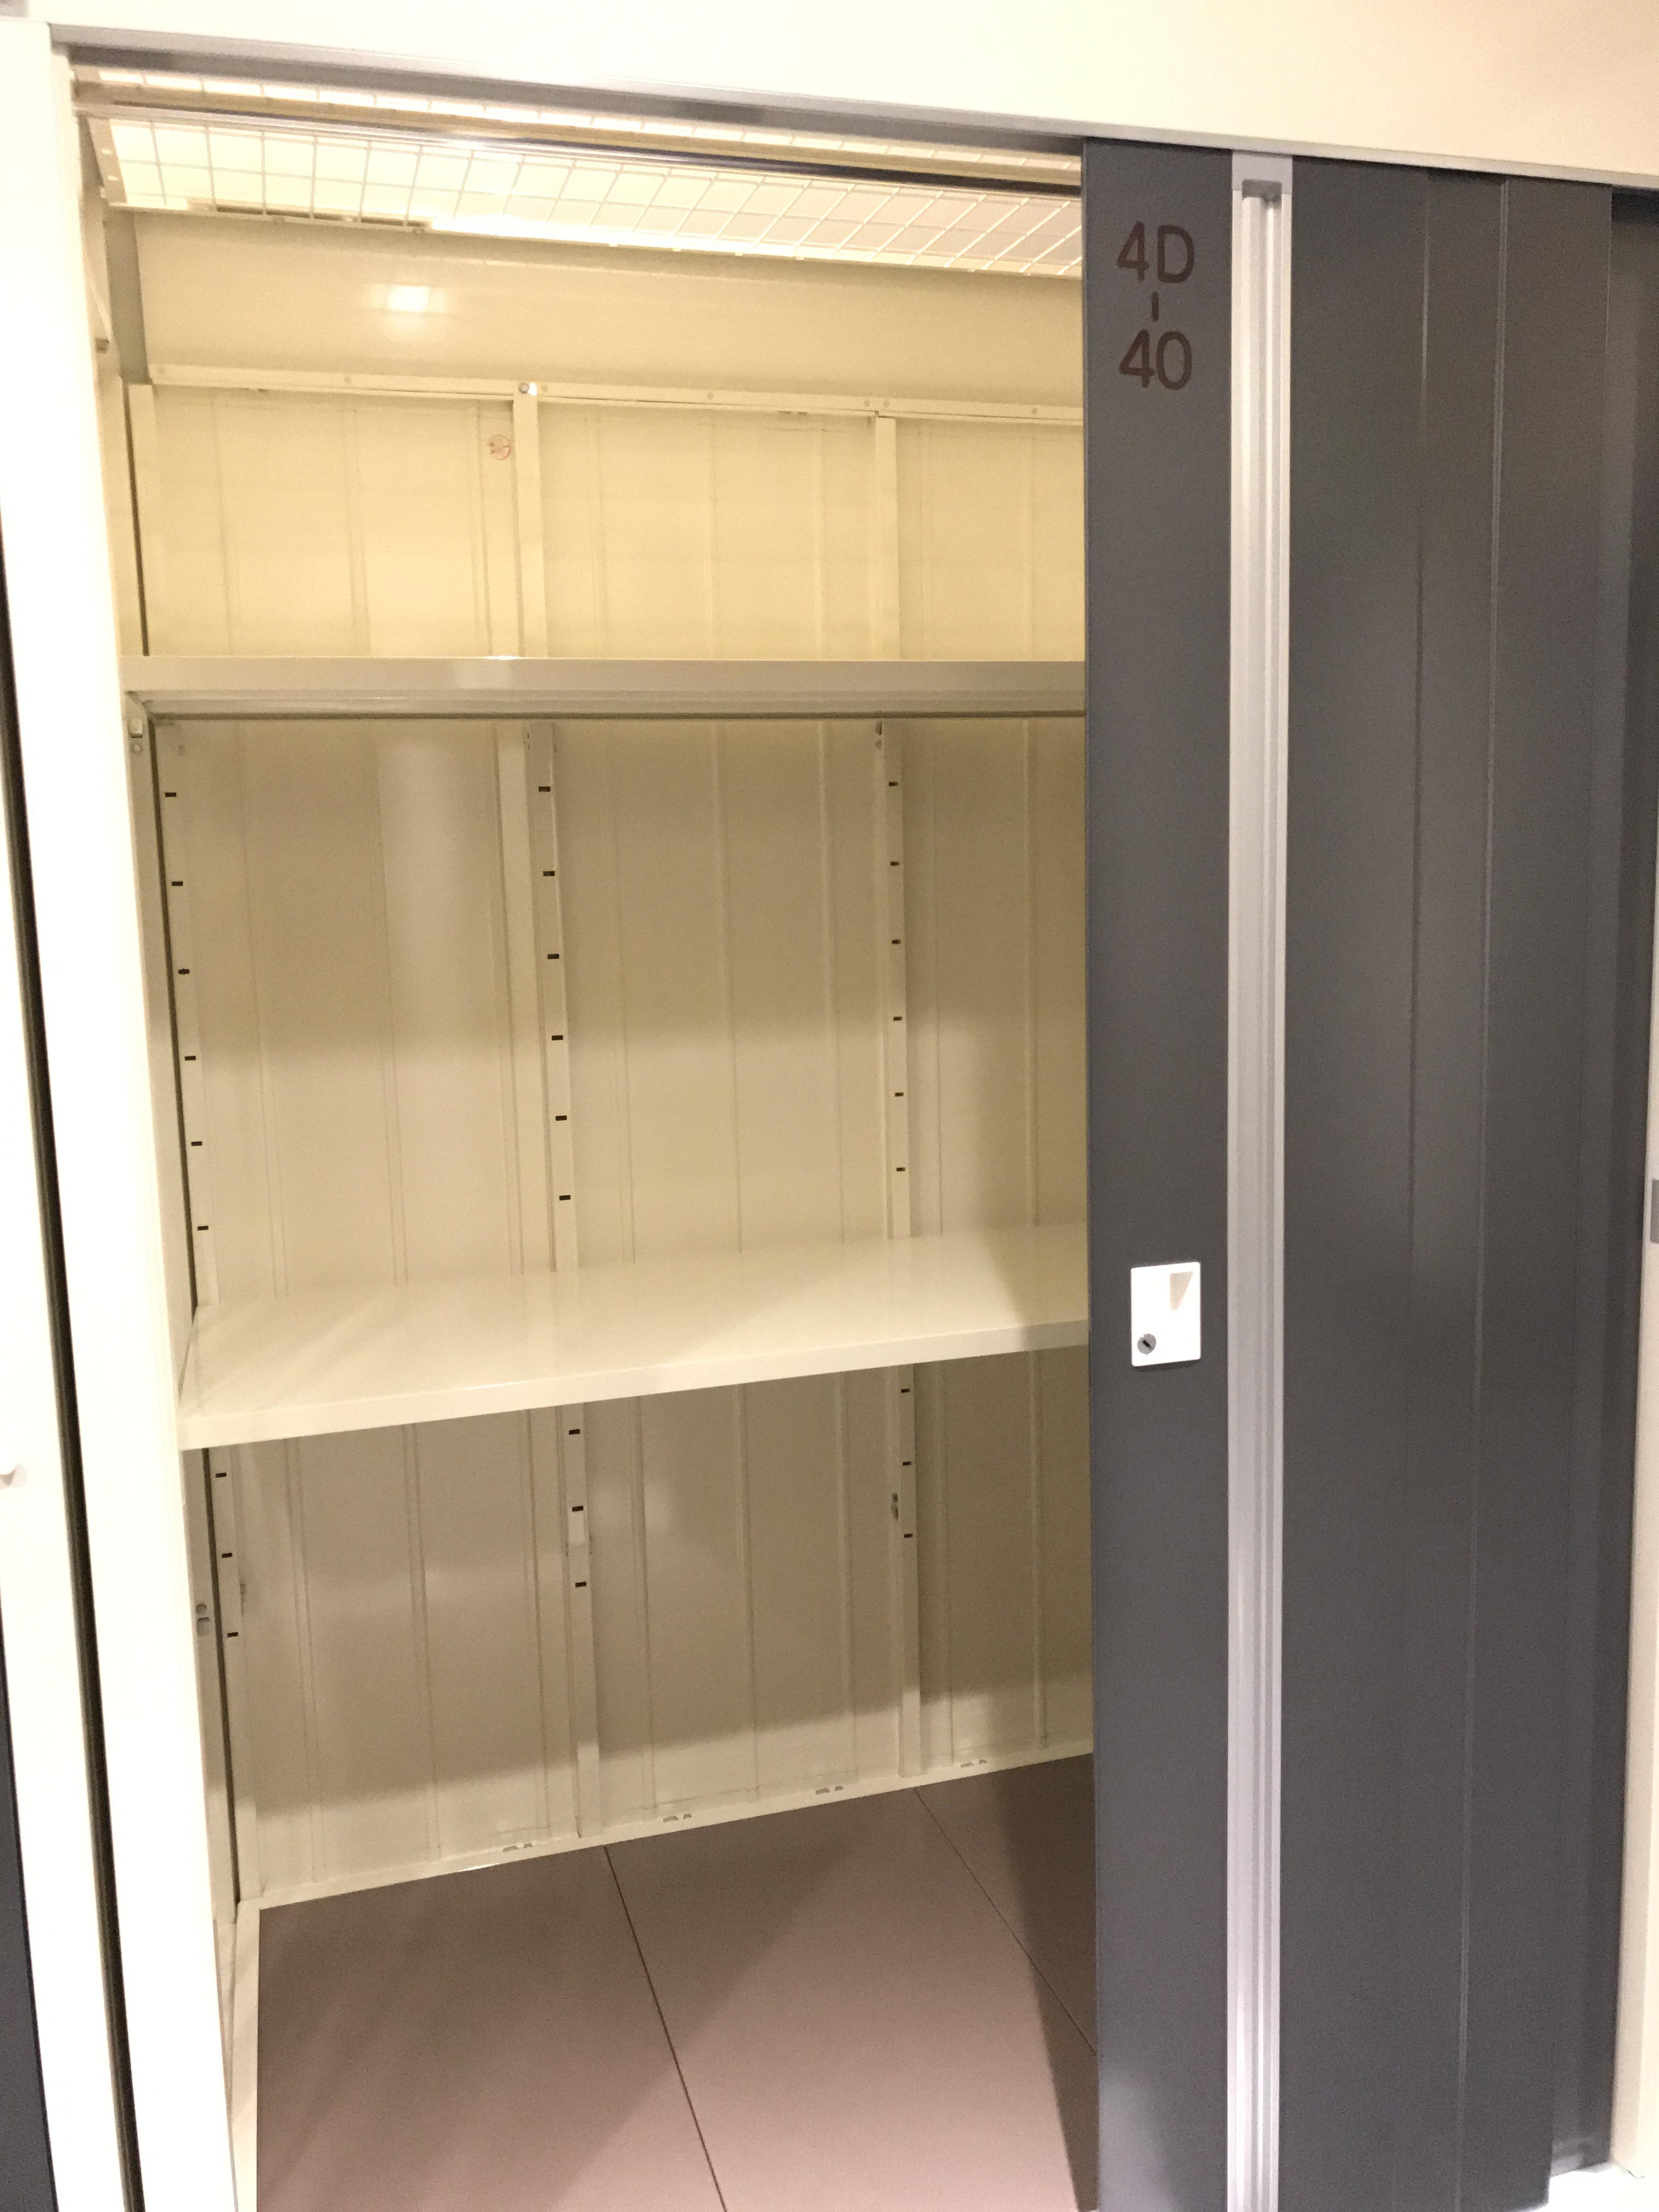 INABA96 本庄見福店 TCタイプ 1.30 m2 約0.8畳 1.37 × 0.95 × 2.30